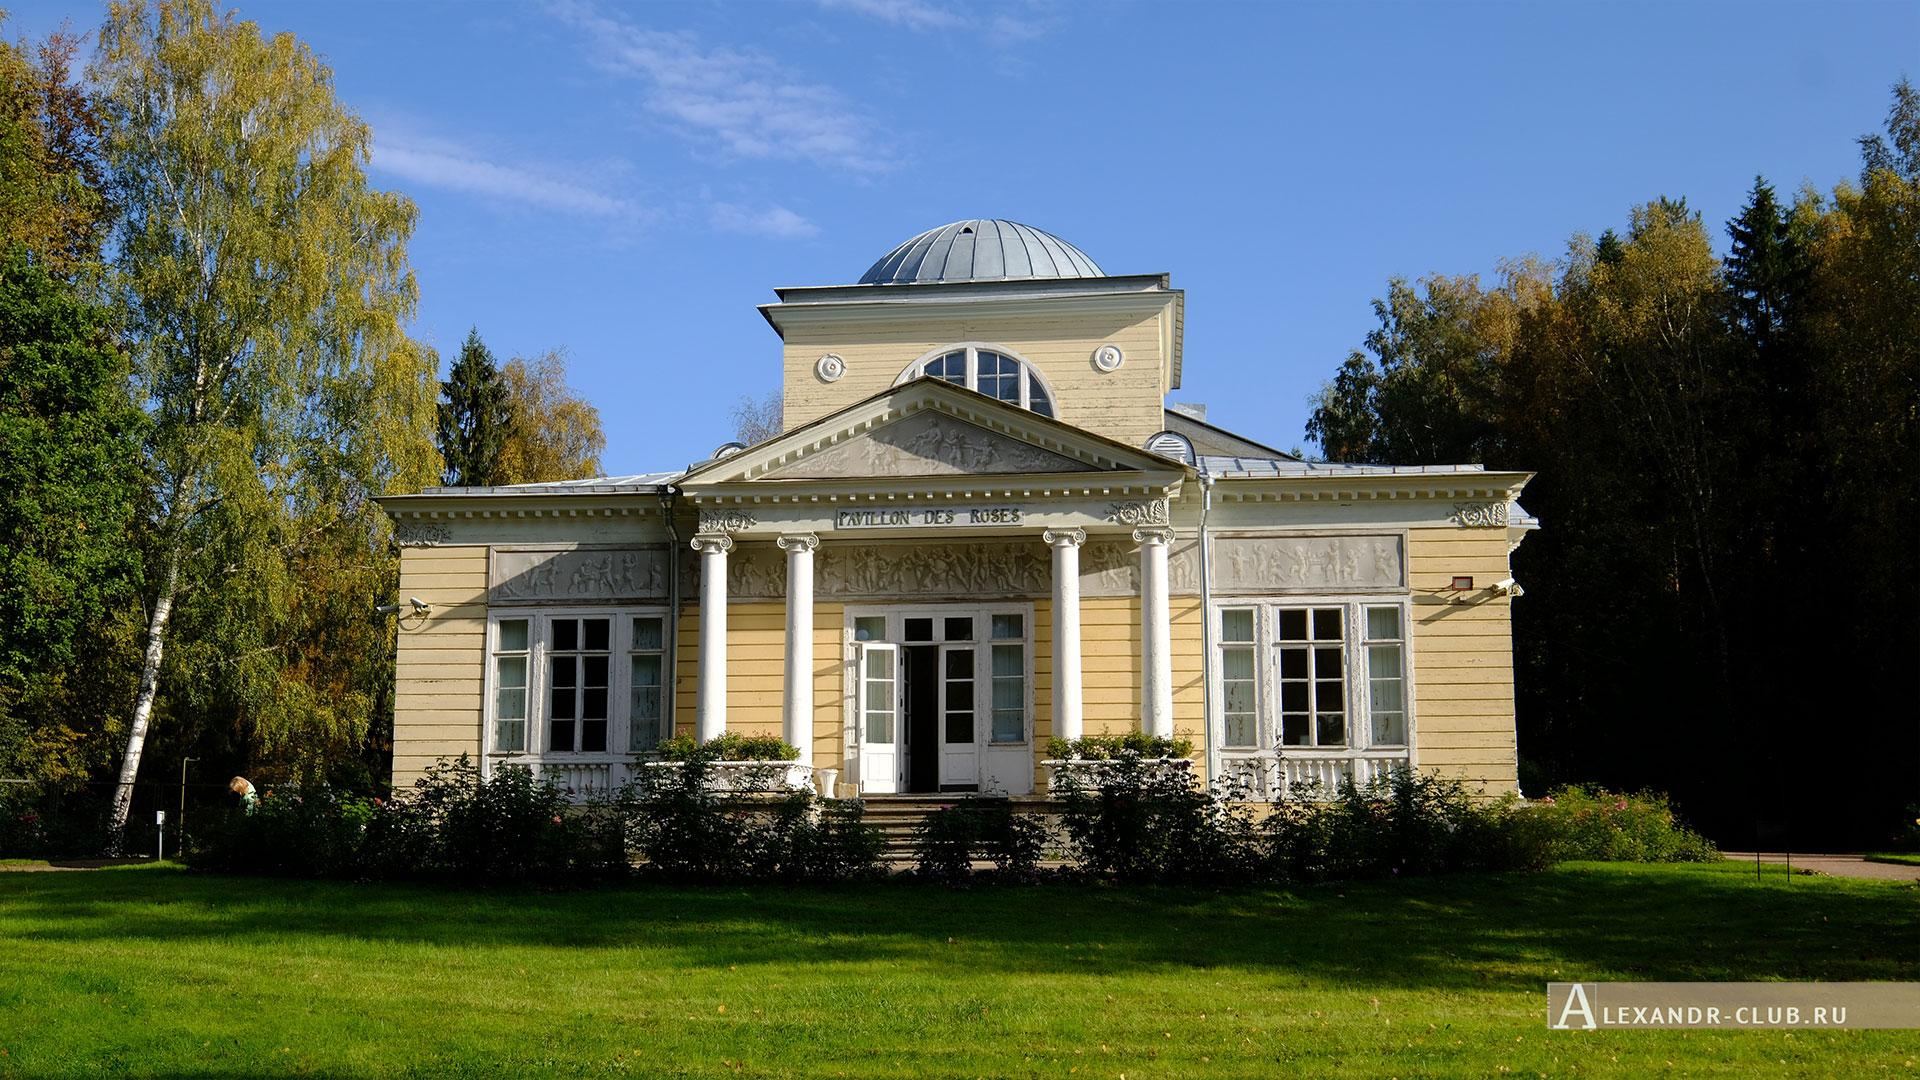 Павловск, осень, Павловский парк, Розовый павильон